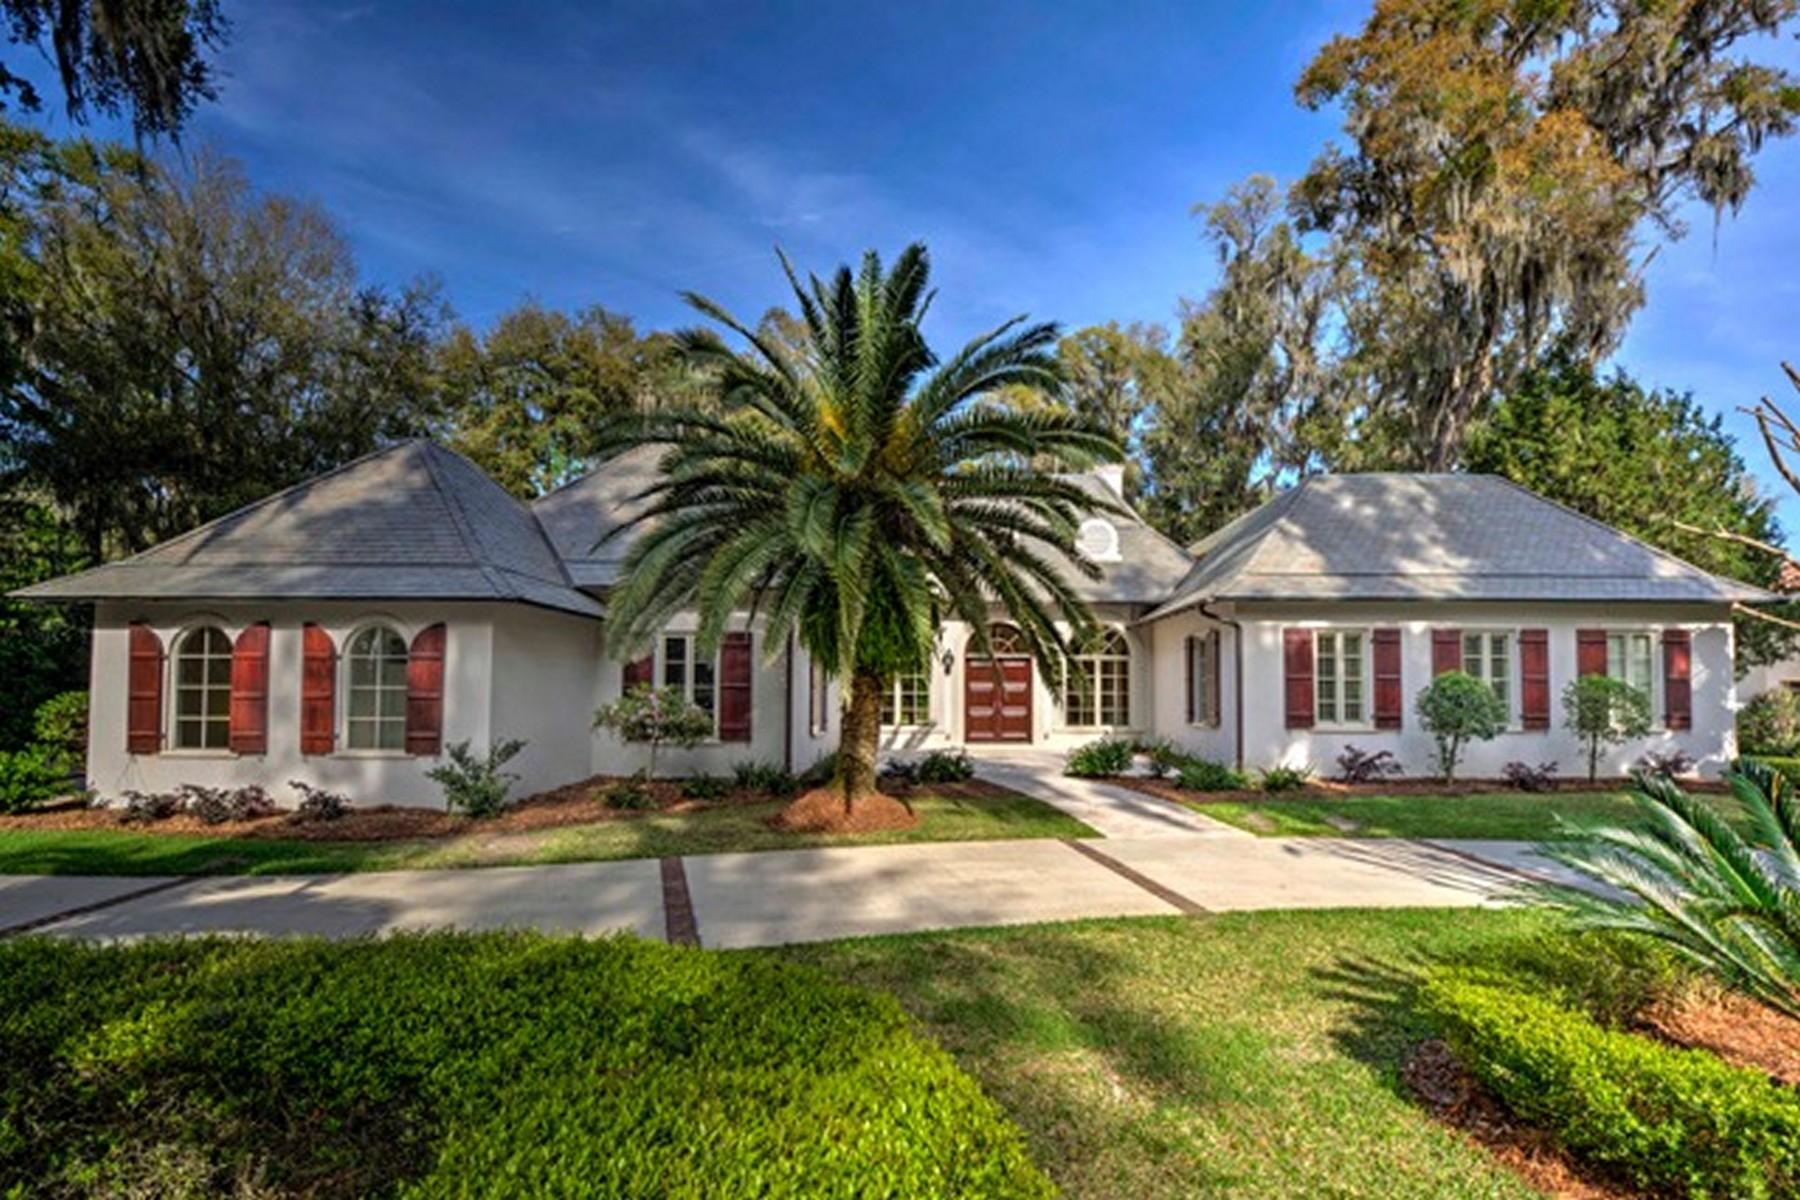 獨棟家庭住宅 為 出售 在 112 Hawkins Island Circle St. Simons Island, 喬治亞州, 31522 美國